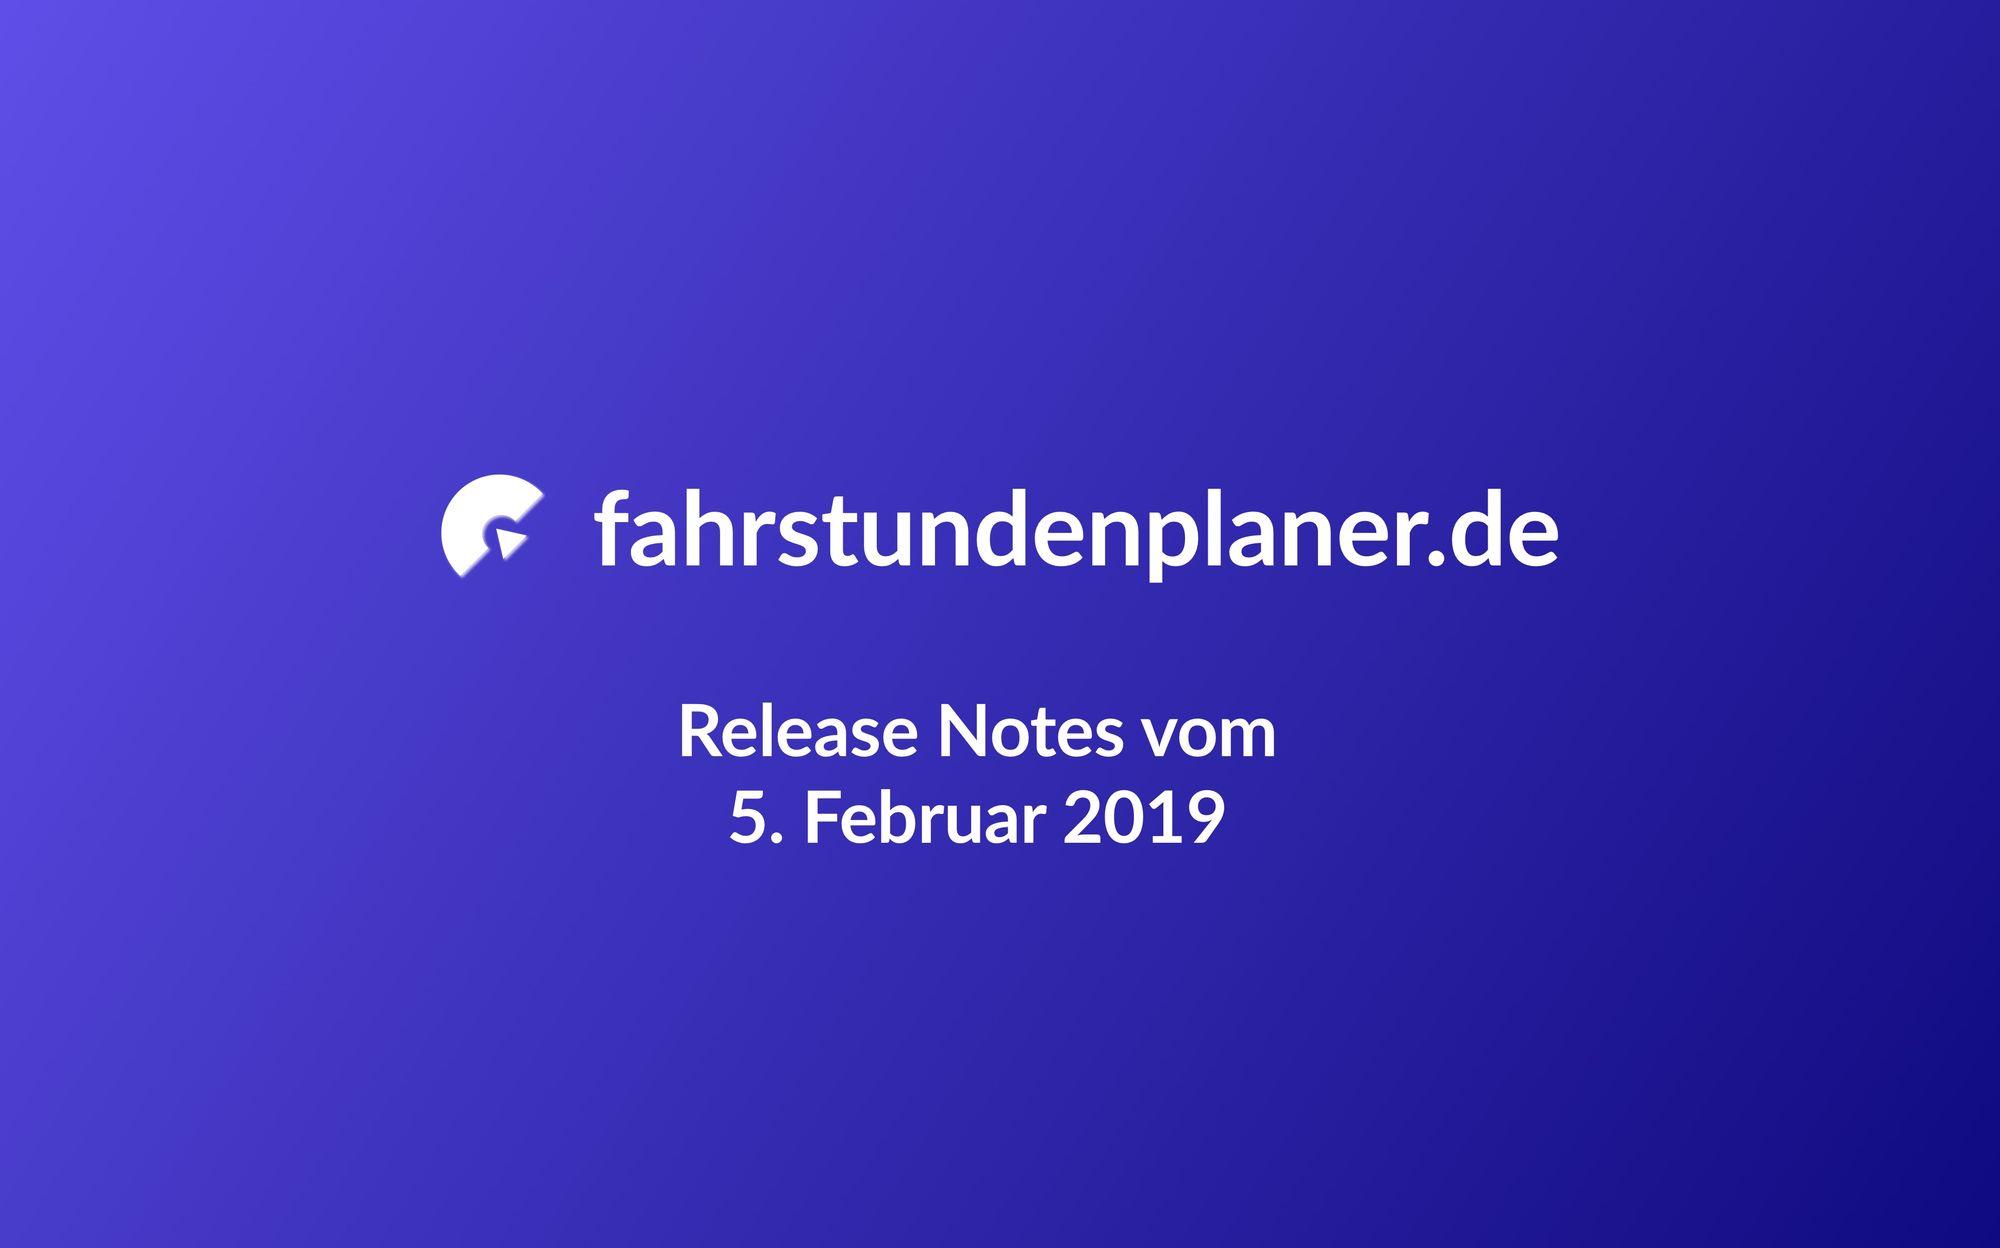 Release Notes: Theorie im Kalender, Fahrzeugauswahl & Rechnungen